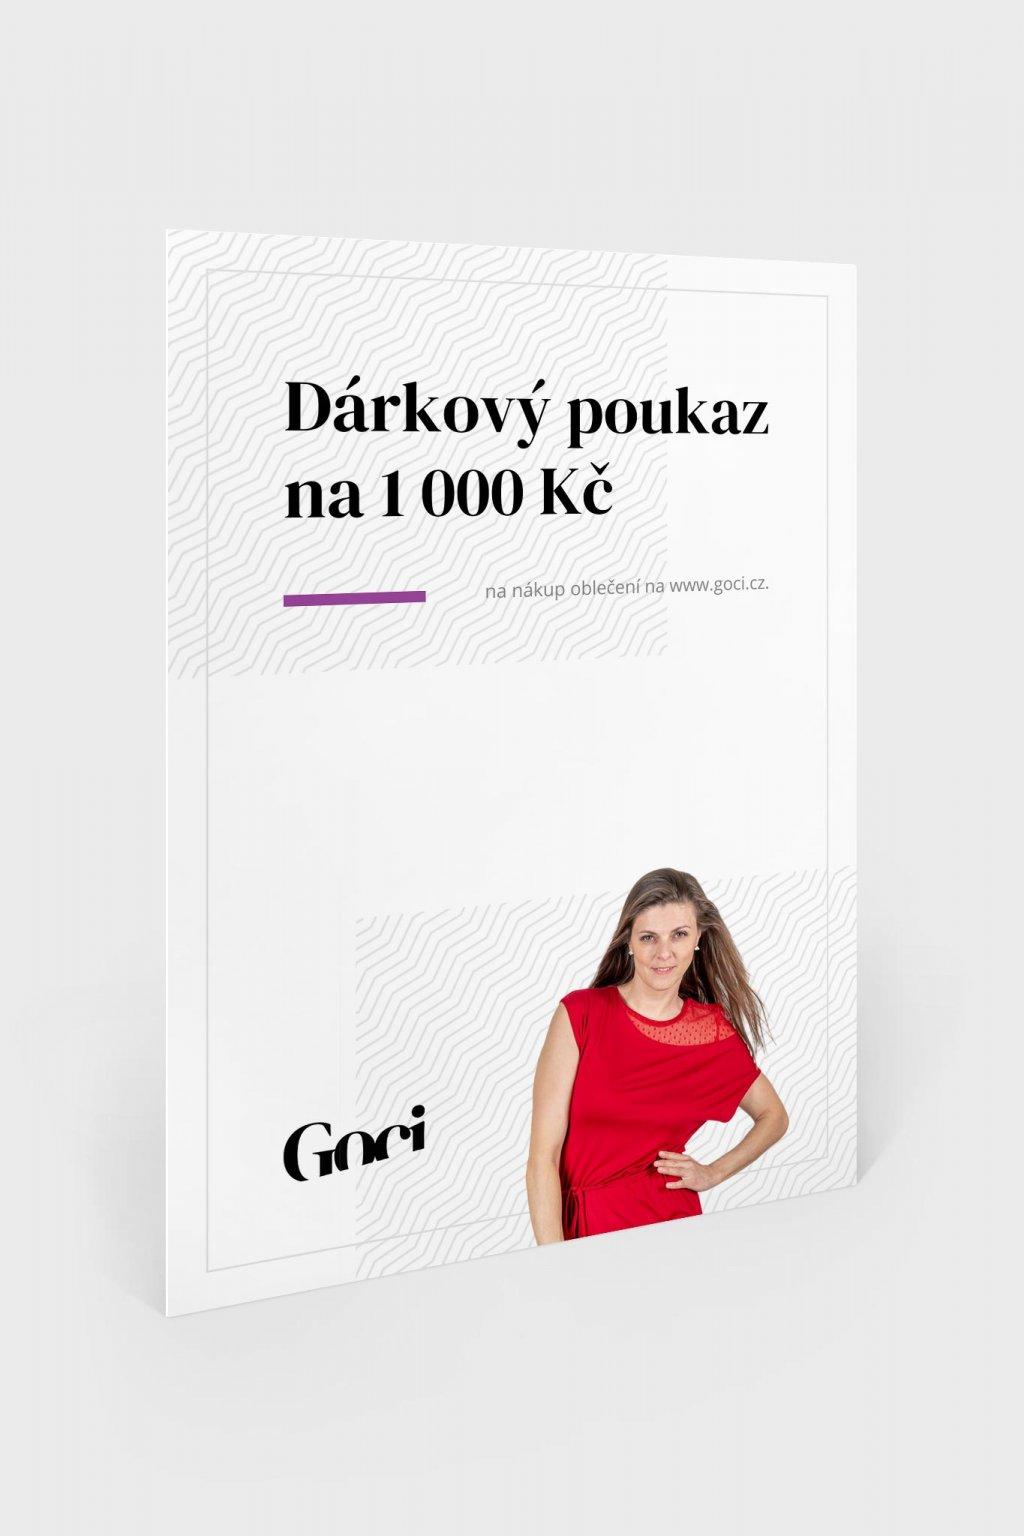 darkovy poukaz goci 1000